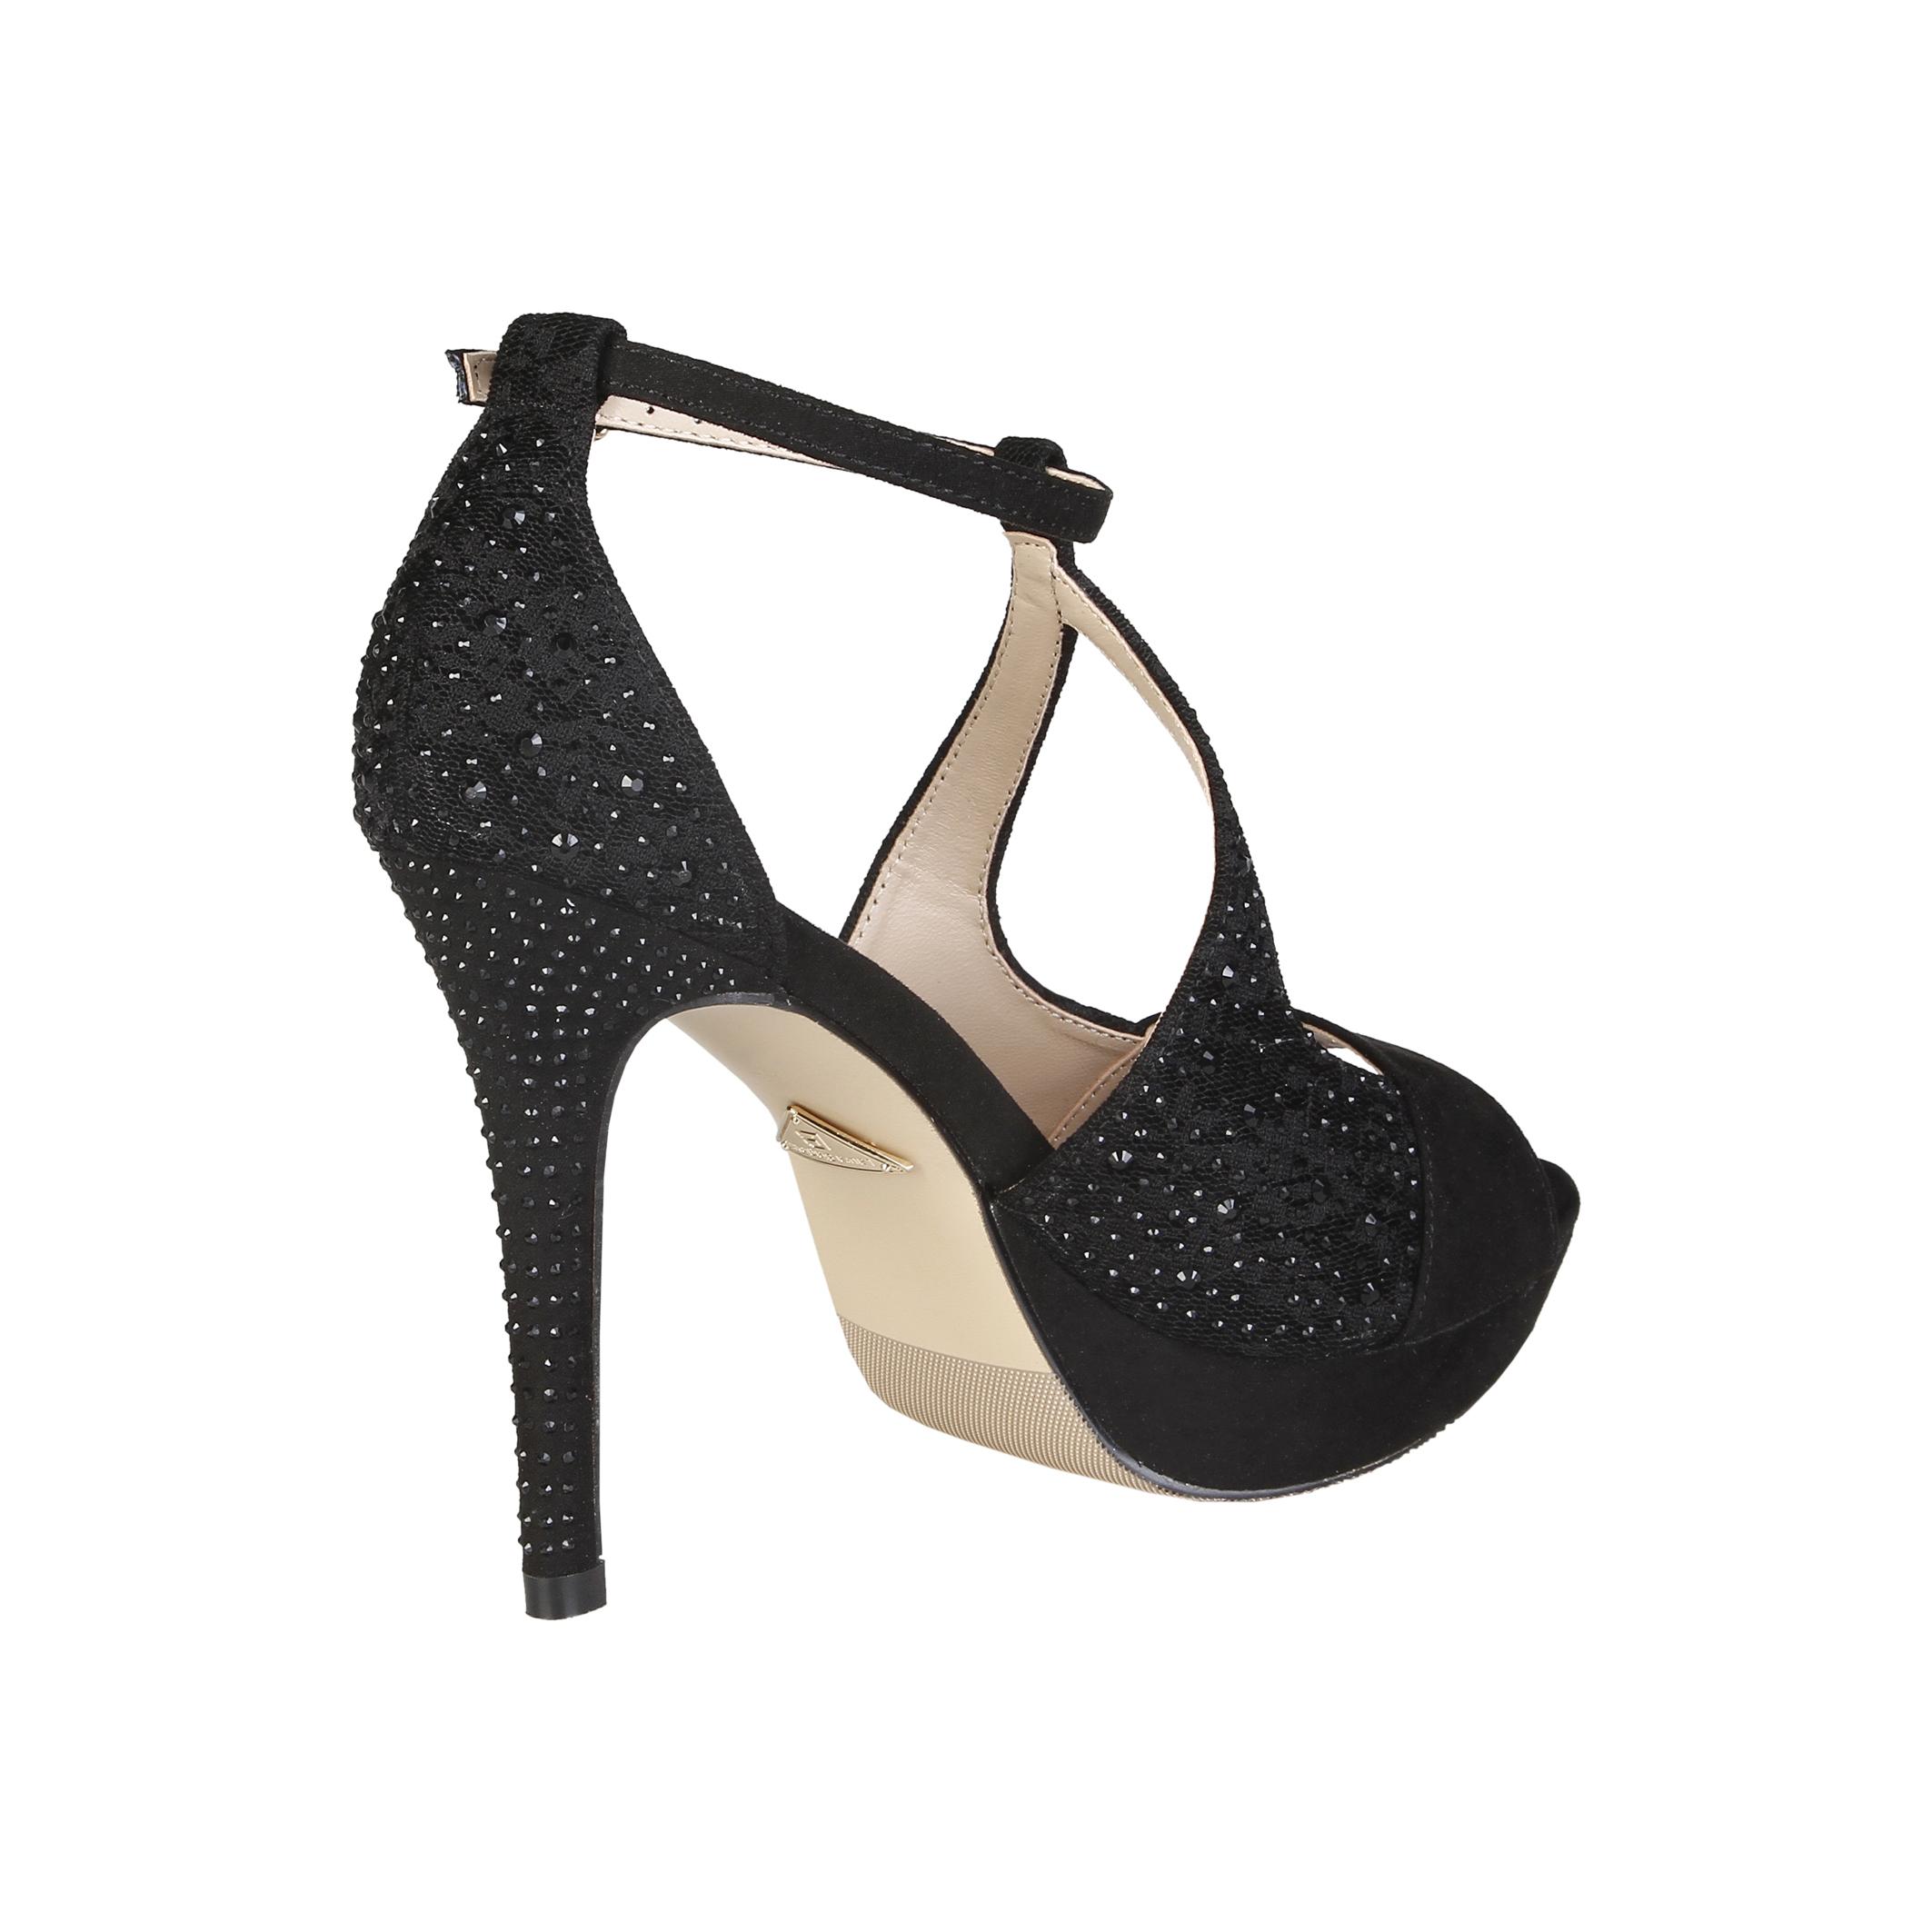 Scarpe-Laura-Biagiotti-422-CLOTH-Sandali-Donna-Marrone-Nero-Primavera-Estate